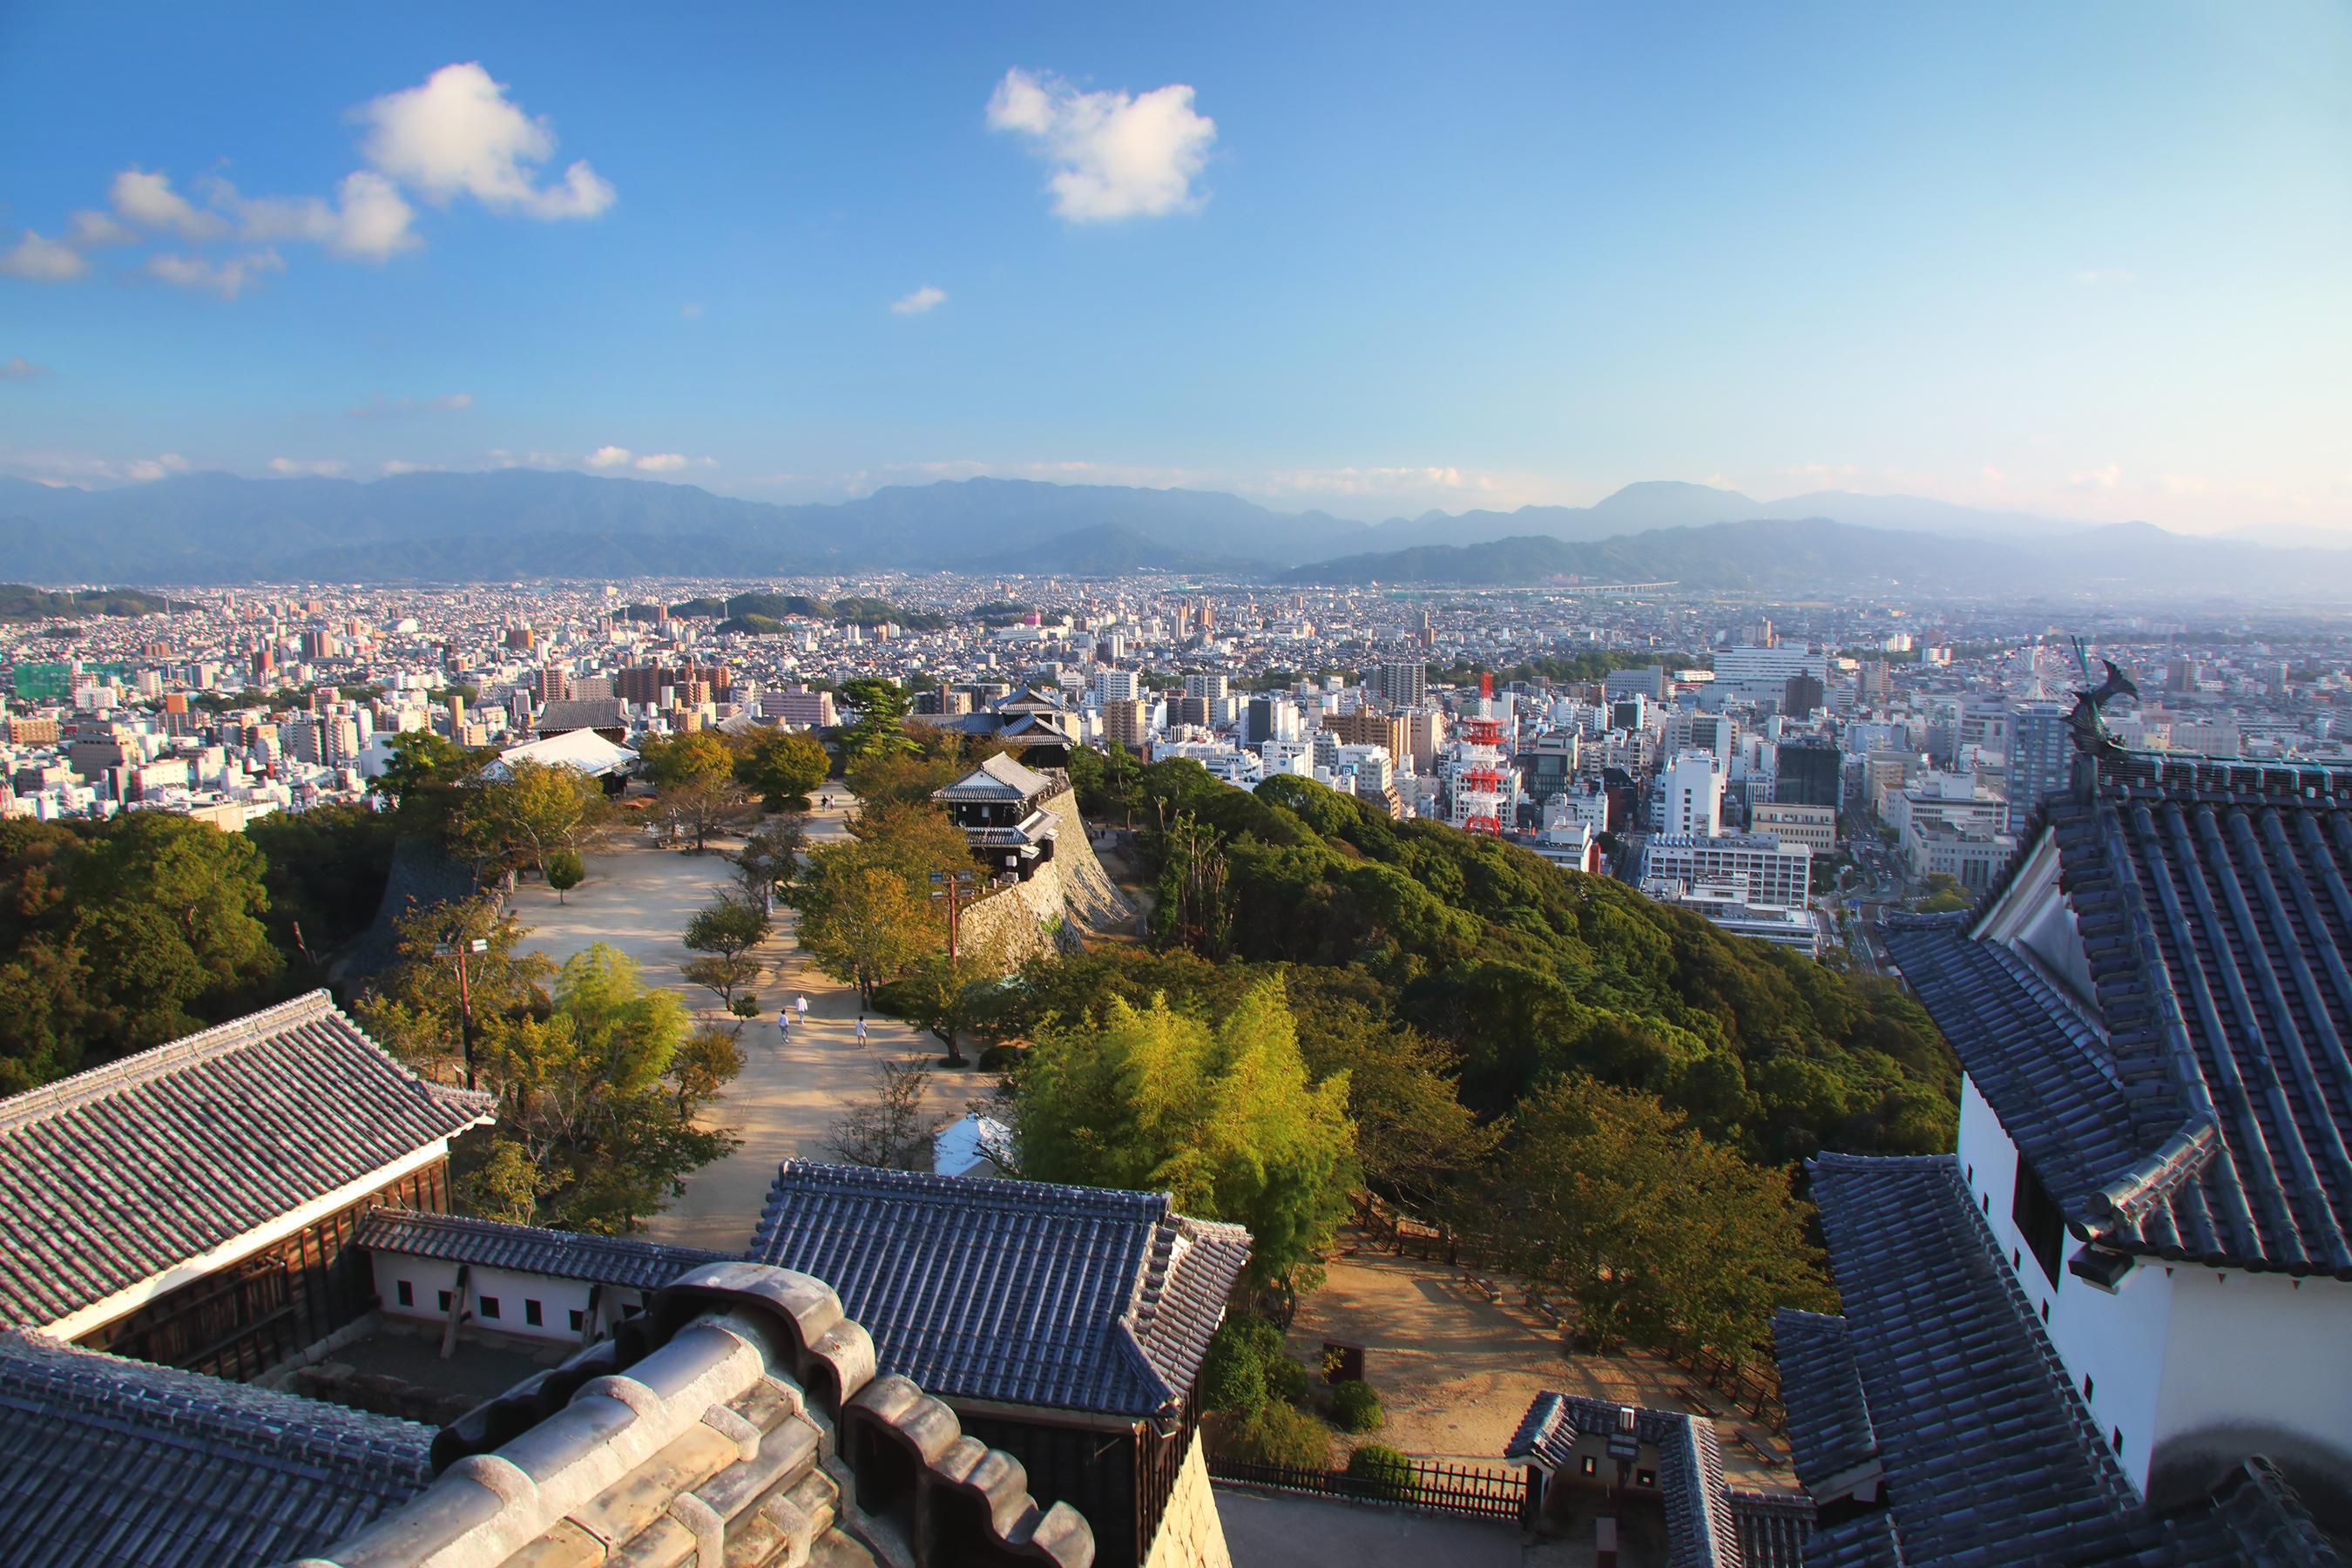 日本的名城。喜欢城堡必看的「松山城」的魅力所在?